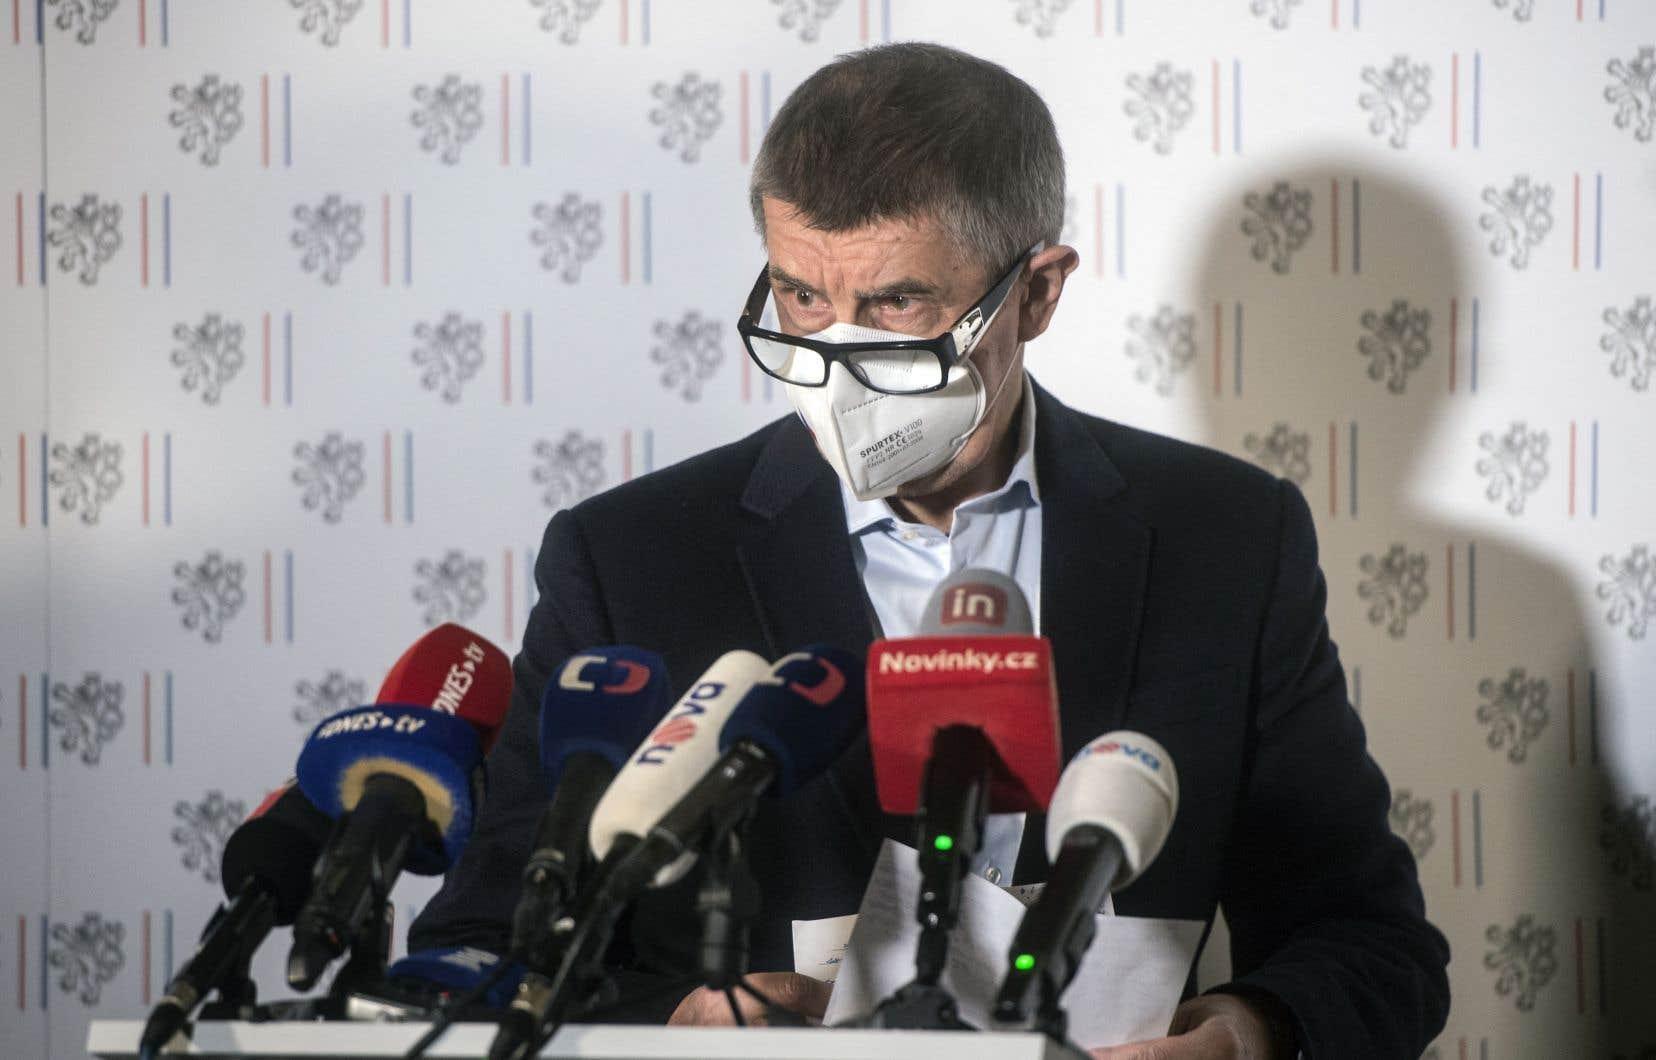 Plus de six ans après les faits, les autorités tchèques ont annoncé qu'elles soupçonnaient le service de renseignement militaire russe, le GRU. Le premier ministre, Andrej Babis (sur la photo), a assuré détenir des «preuves irréfutables» de son implication.